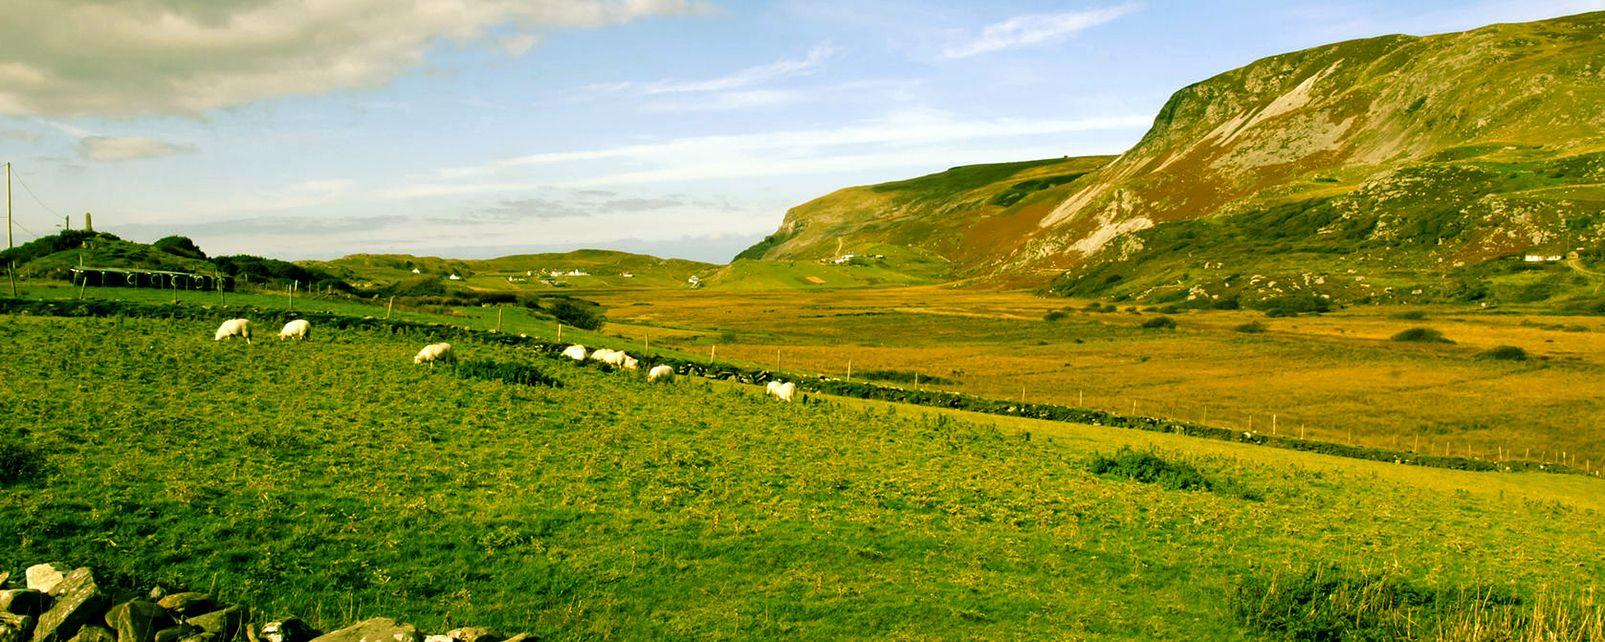 La tourbe irlandaise, Les Gaeltachts, Les arts et la culture, Irlande